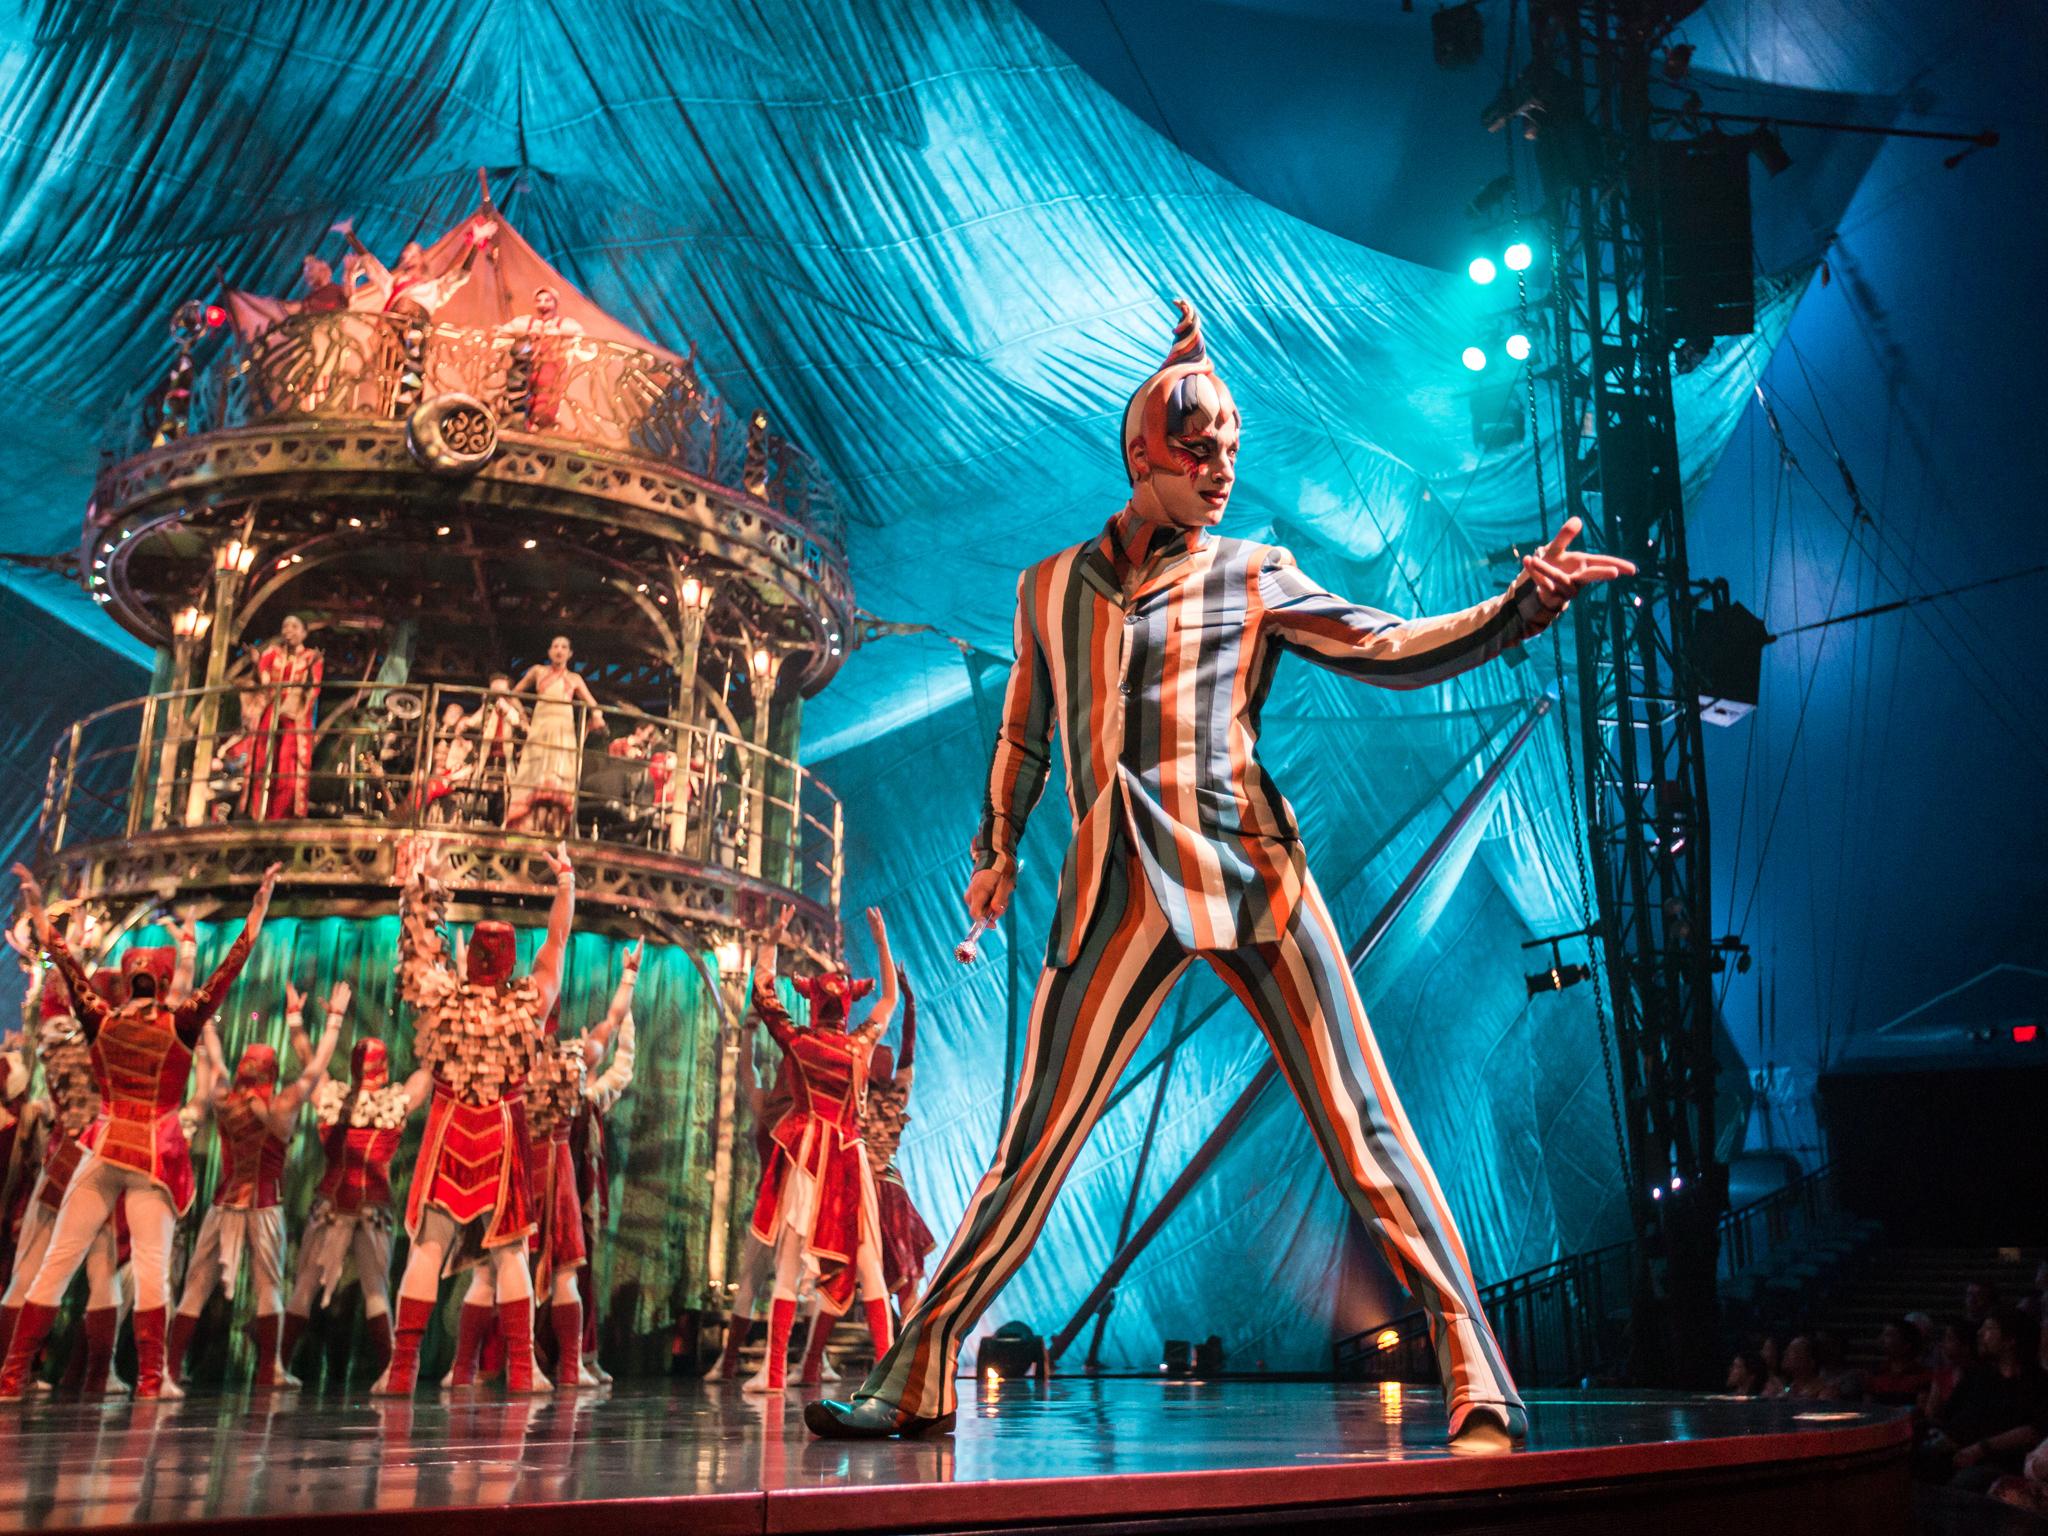 (Photograph: Matt Beard / © 2012 Cirque du Soleil)